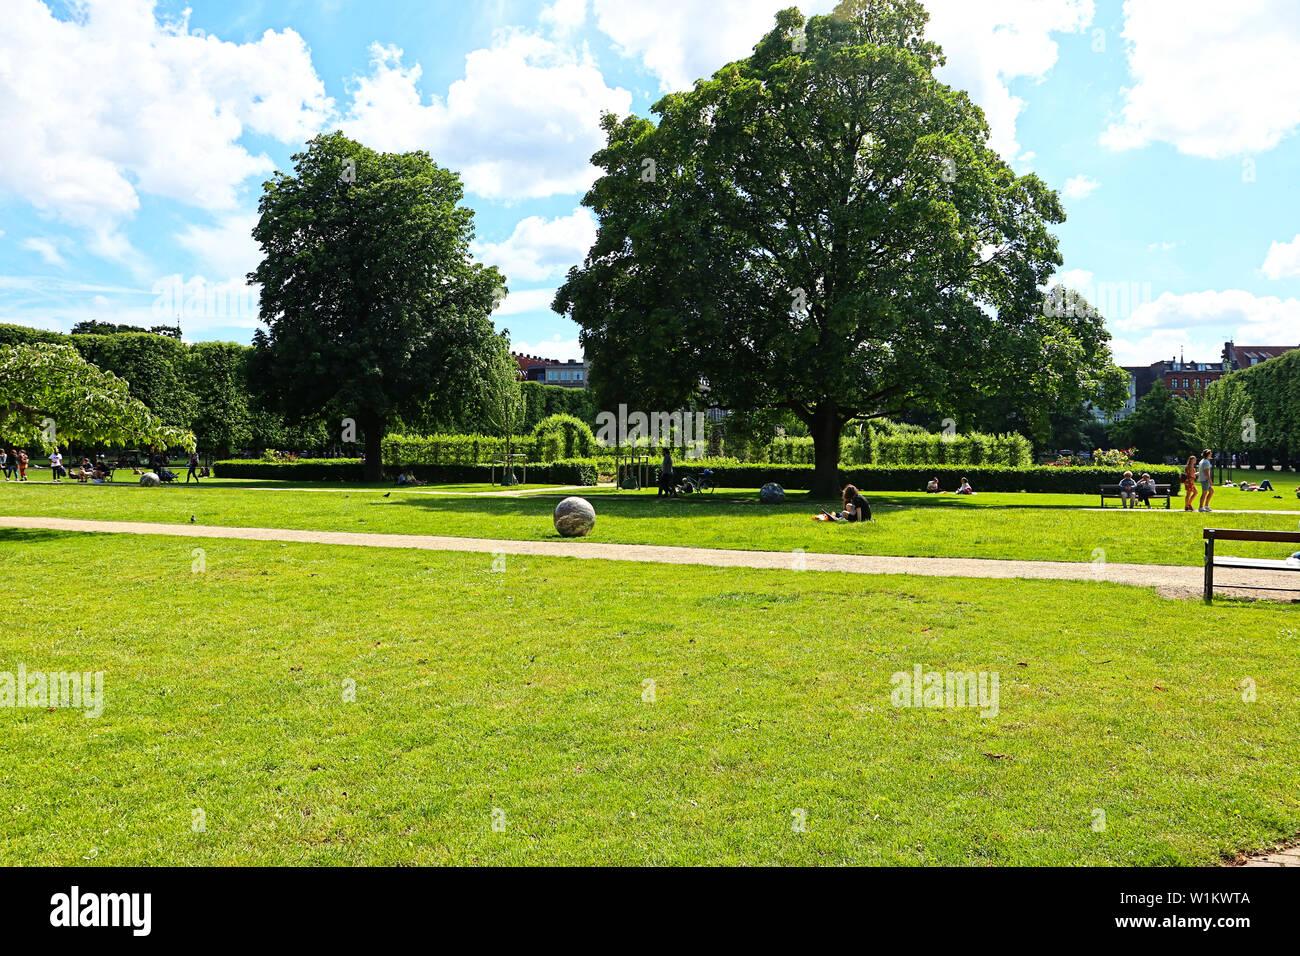 Très belle vue sur le jardin du roi près de Rosenborg Castle dans le centre de Copenhague - Danemark établi depuis début 17ème siècle. Banque D'Images